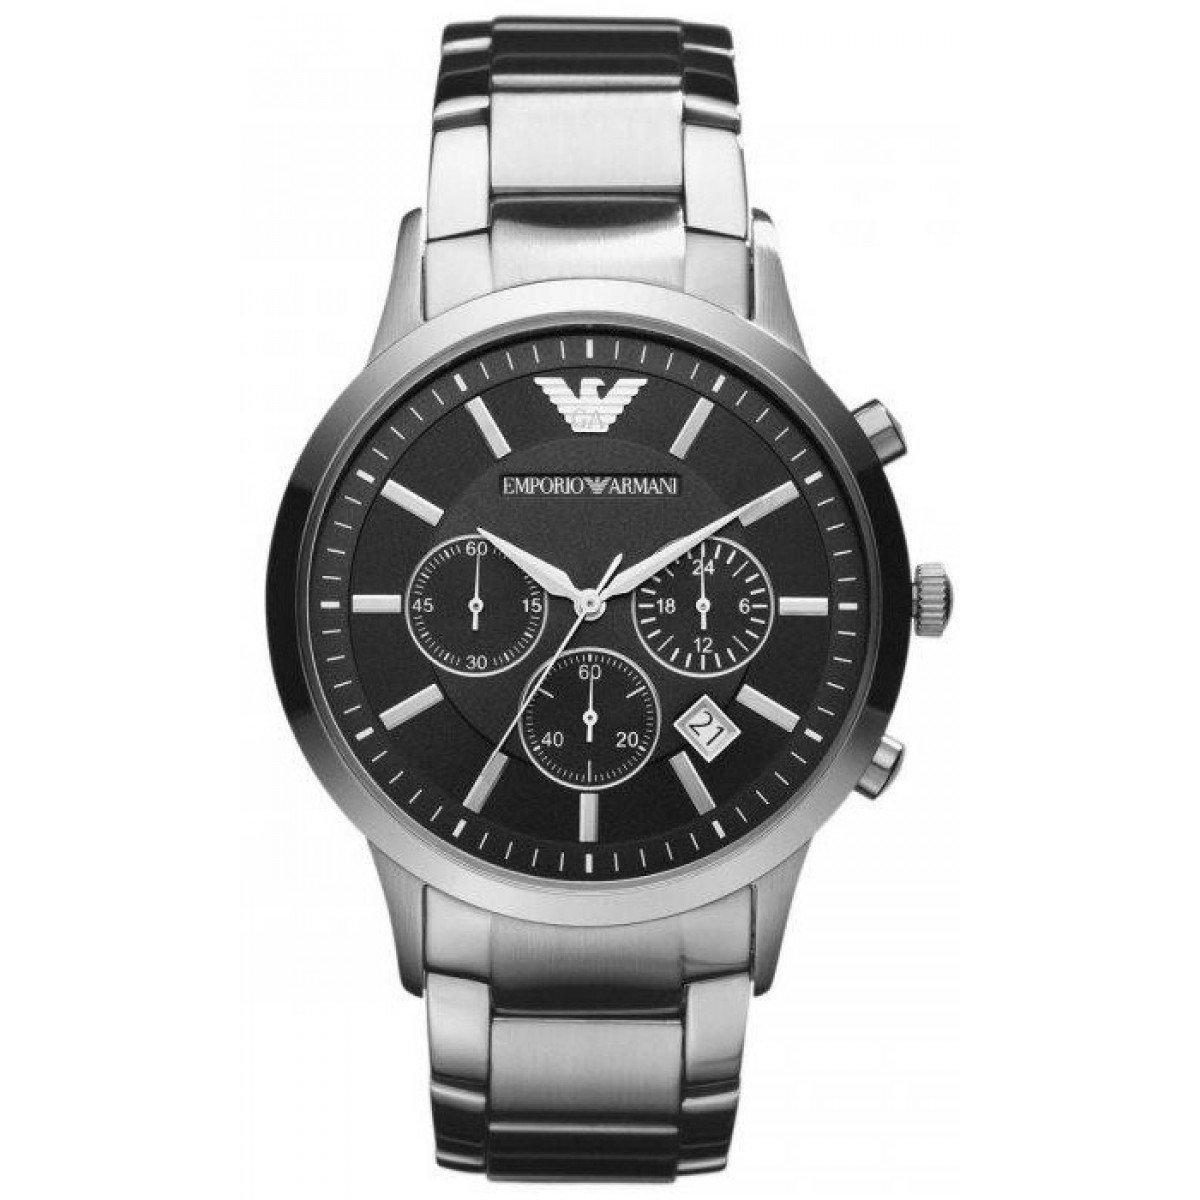 d1a92c3e626 Relógio Emporio Armani Cronógrafo HAR2434Z